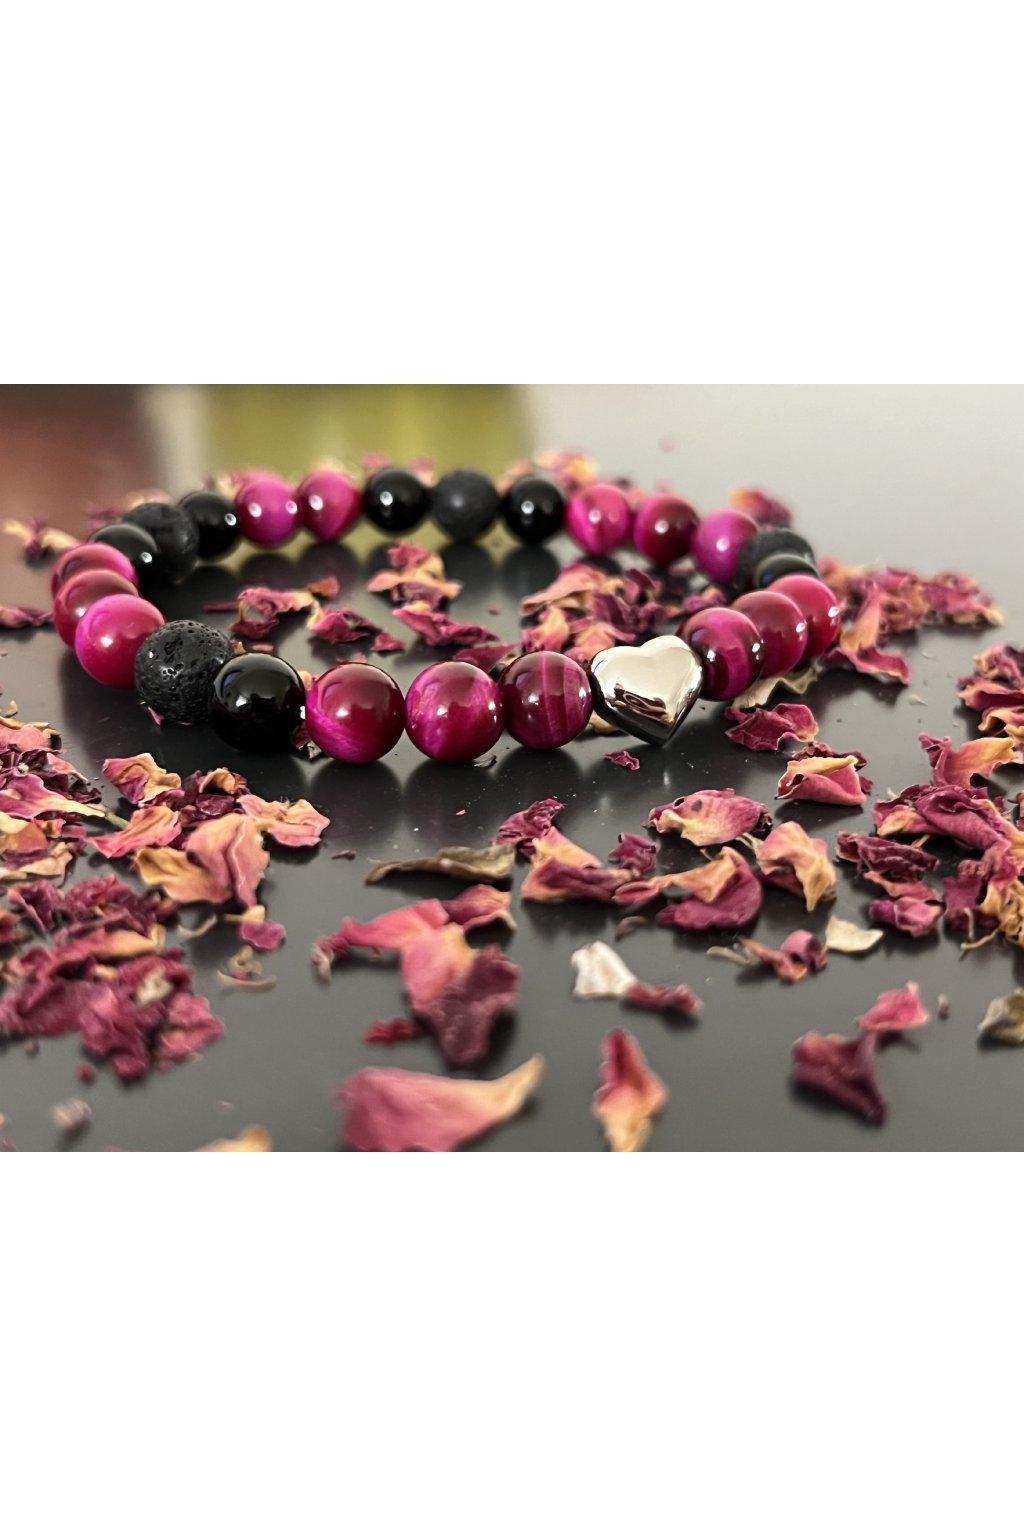 Dámský náramek z minerálů - Černá láva, Hematit, Oceánový Nefrit, Jin Jang